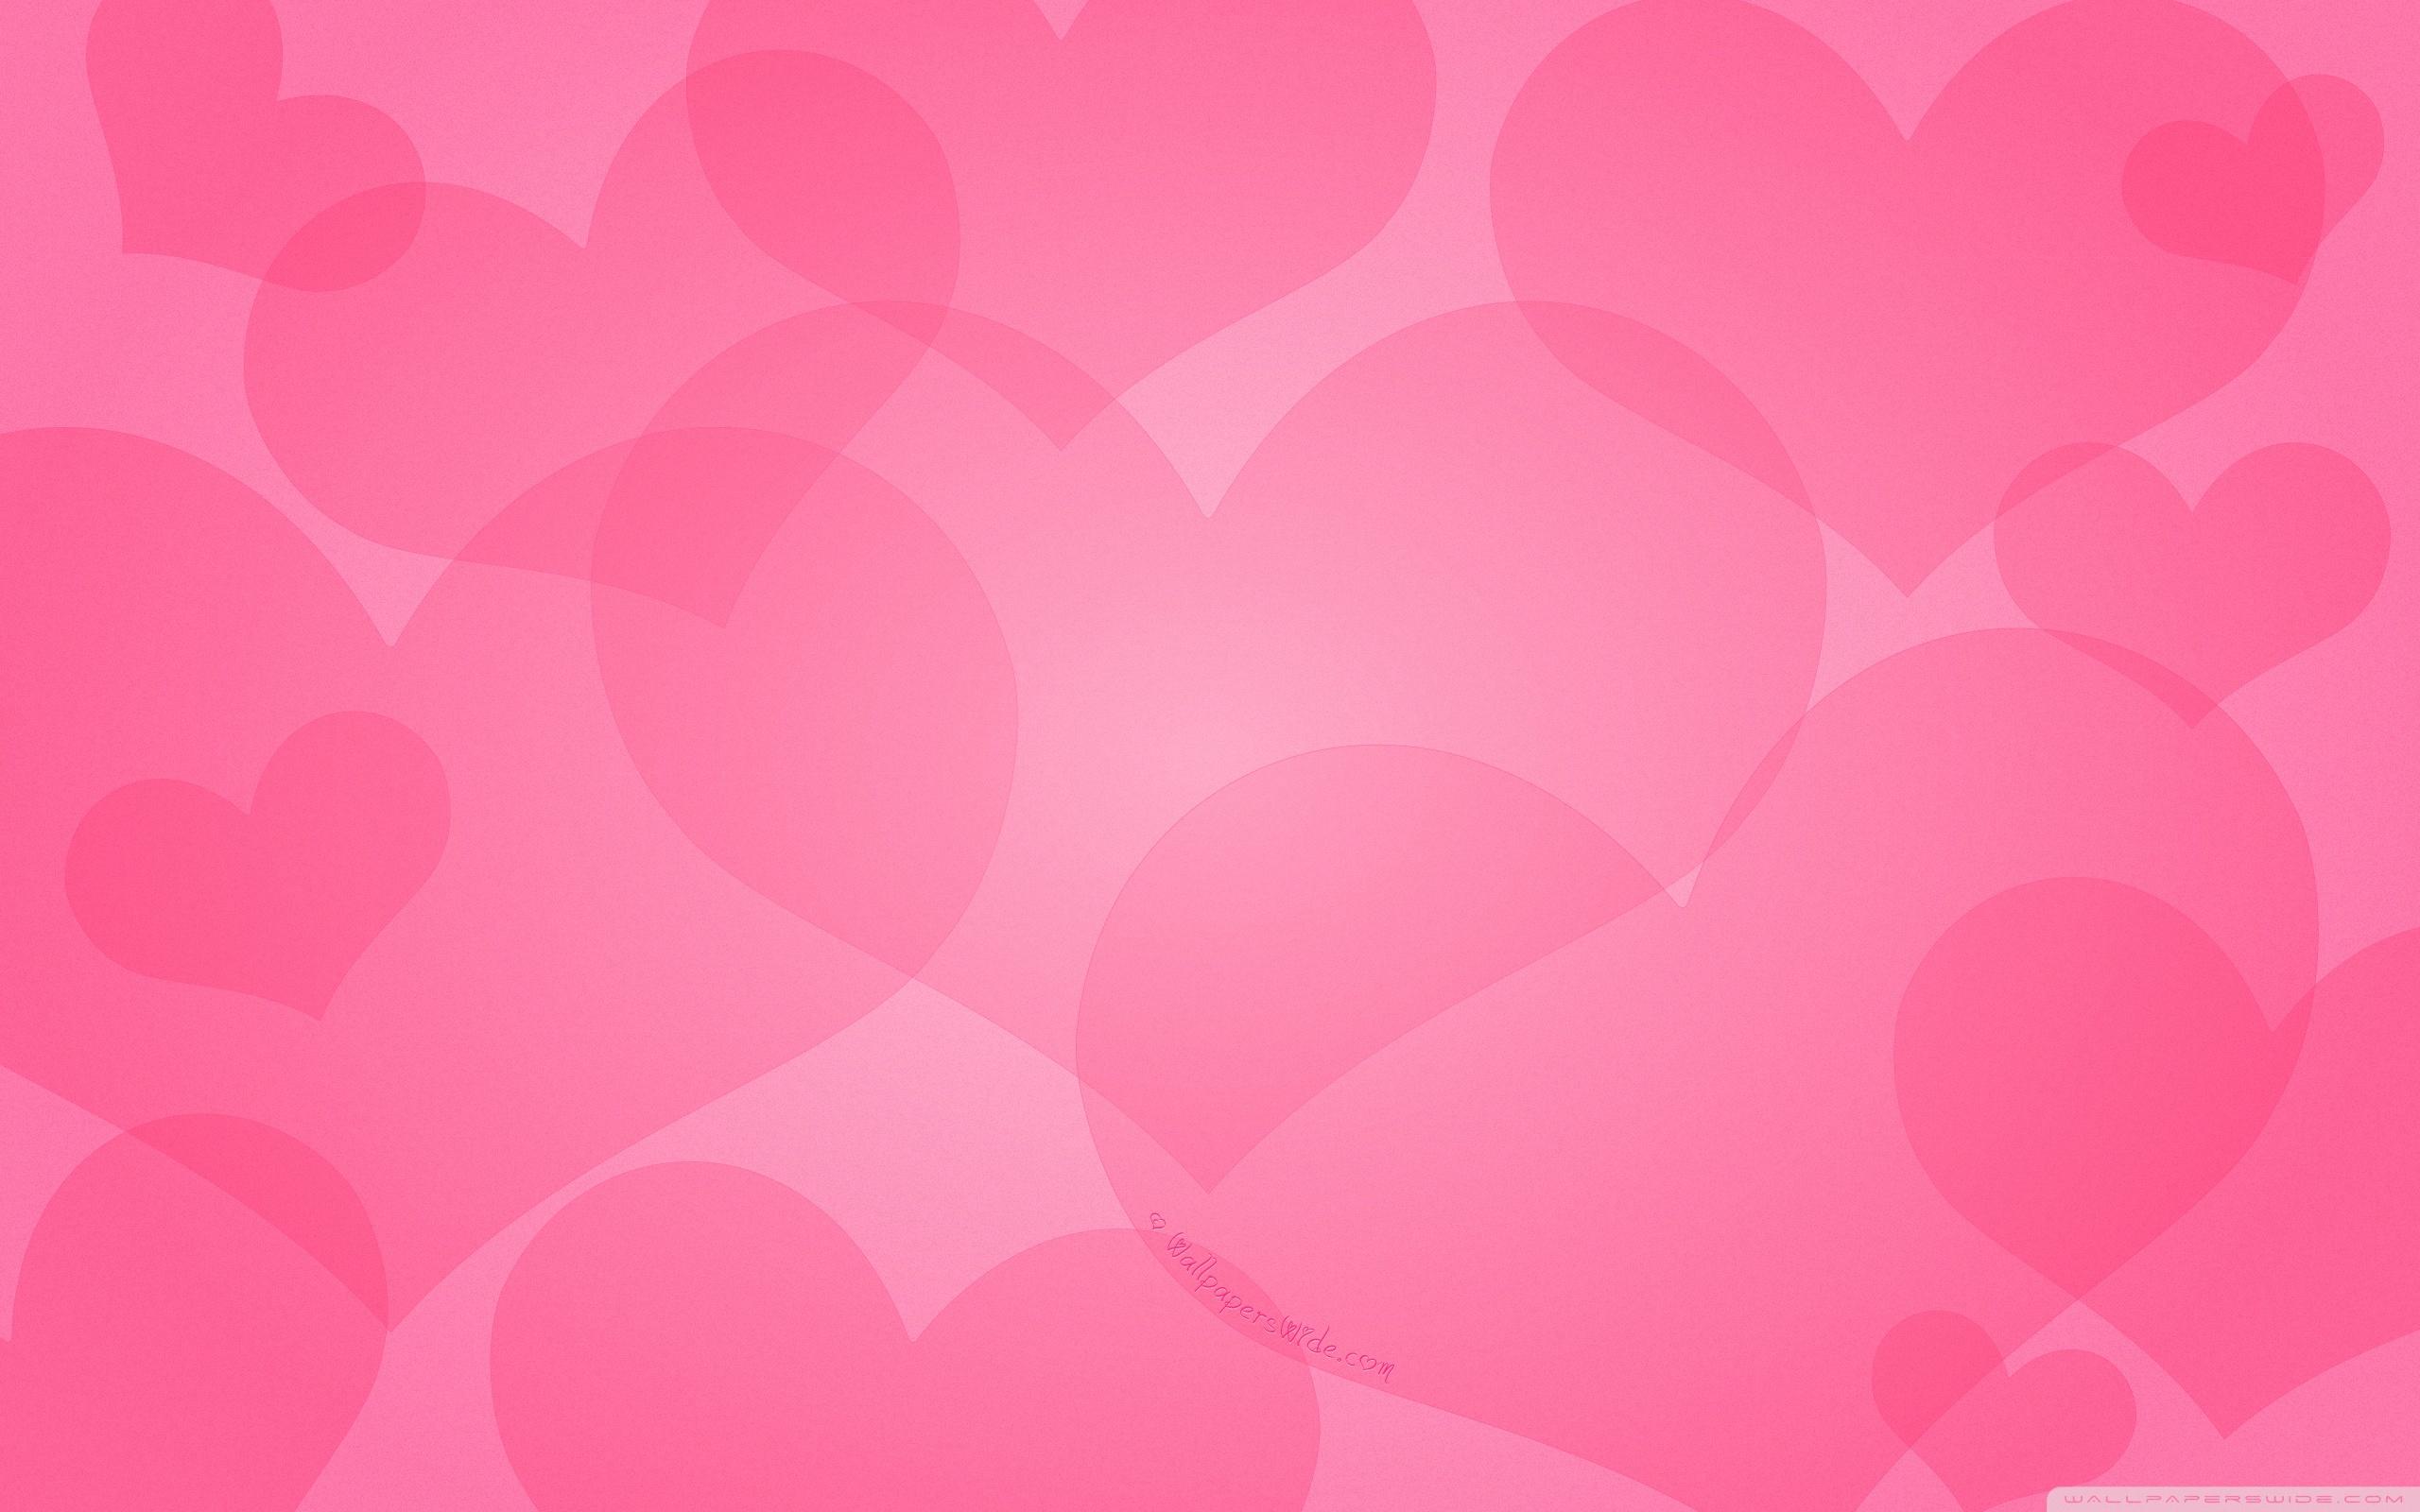 Картинки с сердечками Красивые: Сердечки (478 обоев) » Смотри